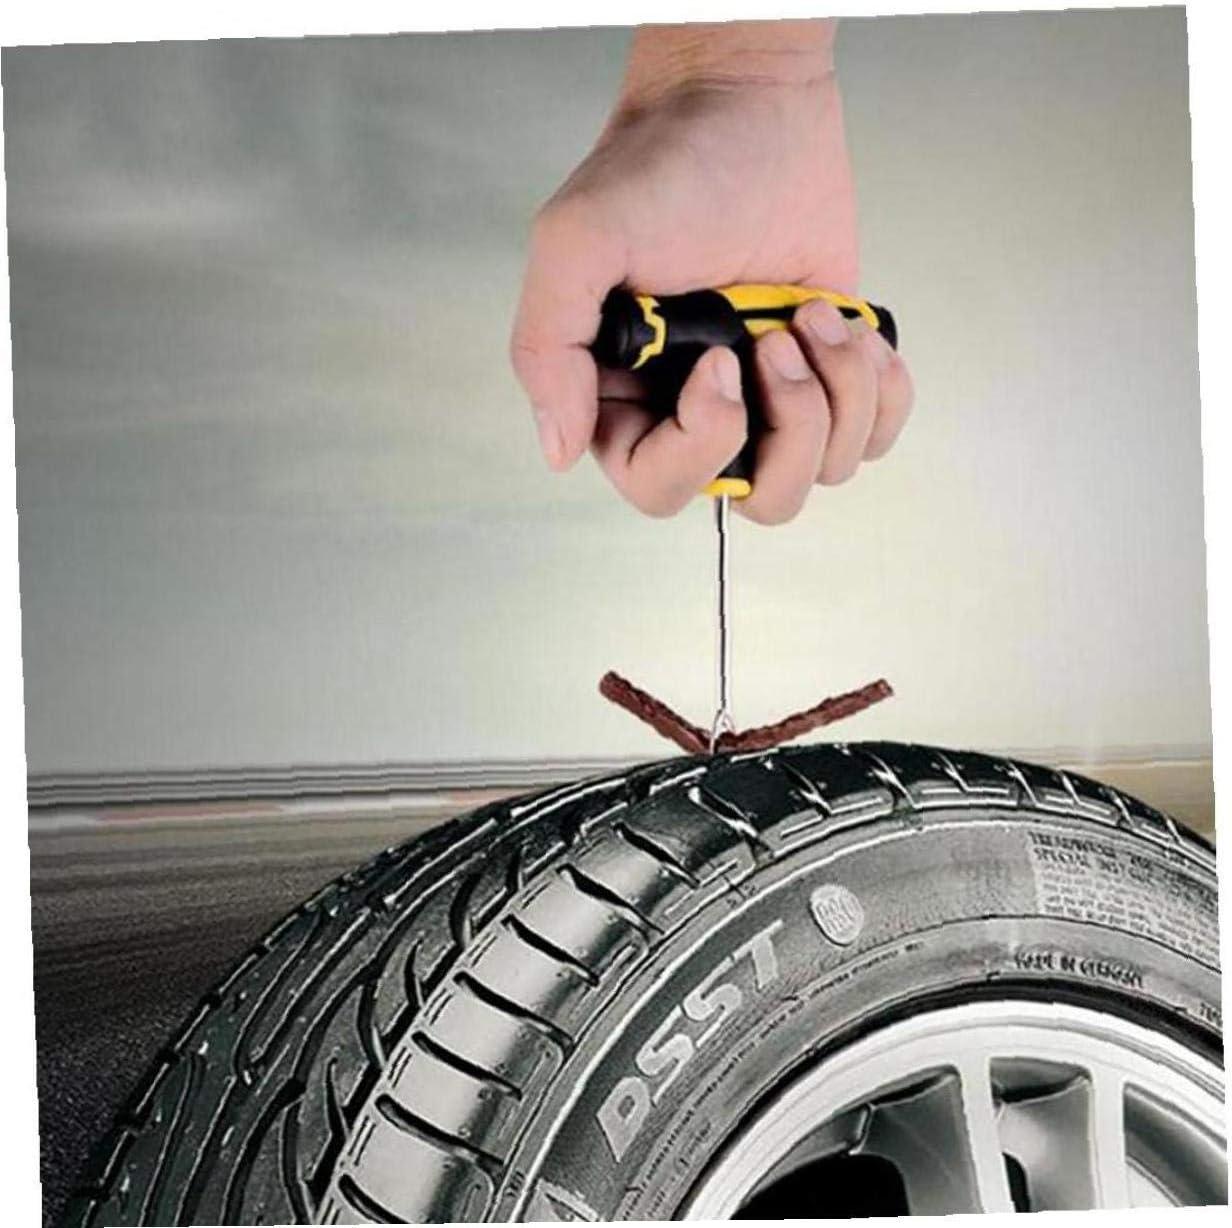 Universal-Reifen-Reparatur-Kit Reifenreparatur Puncture Reparaturs/ätze f/ür Fahrr/äder LKW Jeep Motorrad Traktor Reifen-Reparatur-Kit mit Glug Band im Freien beweglicher